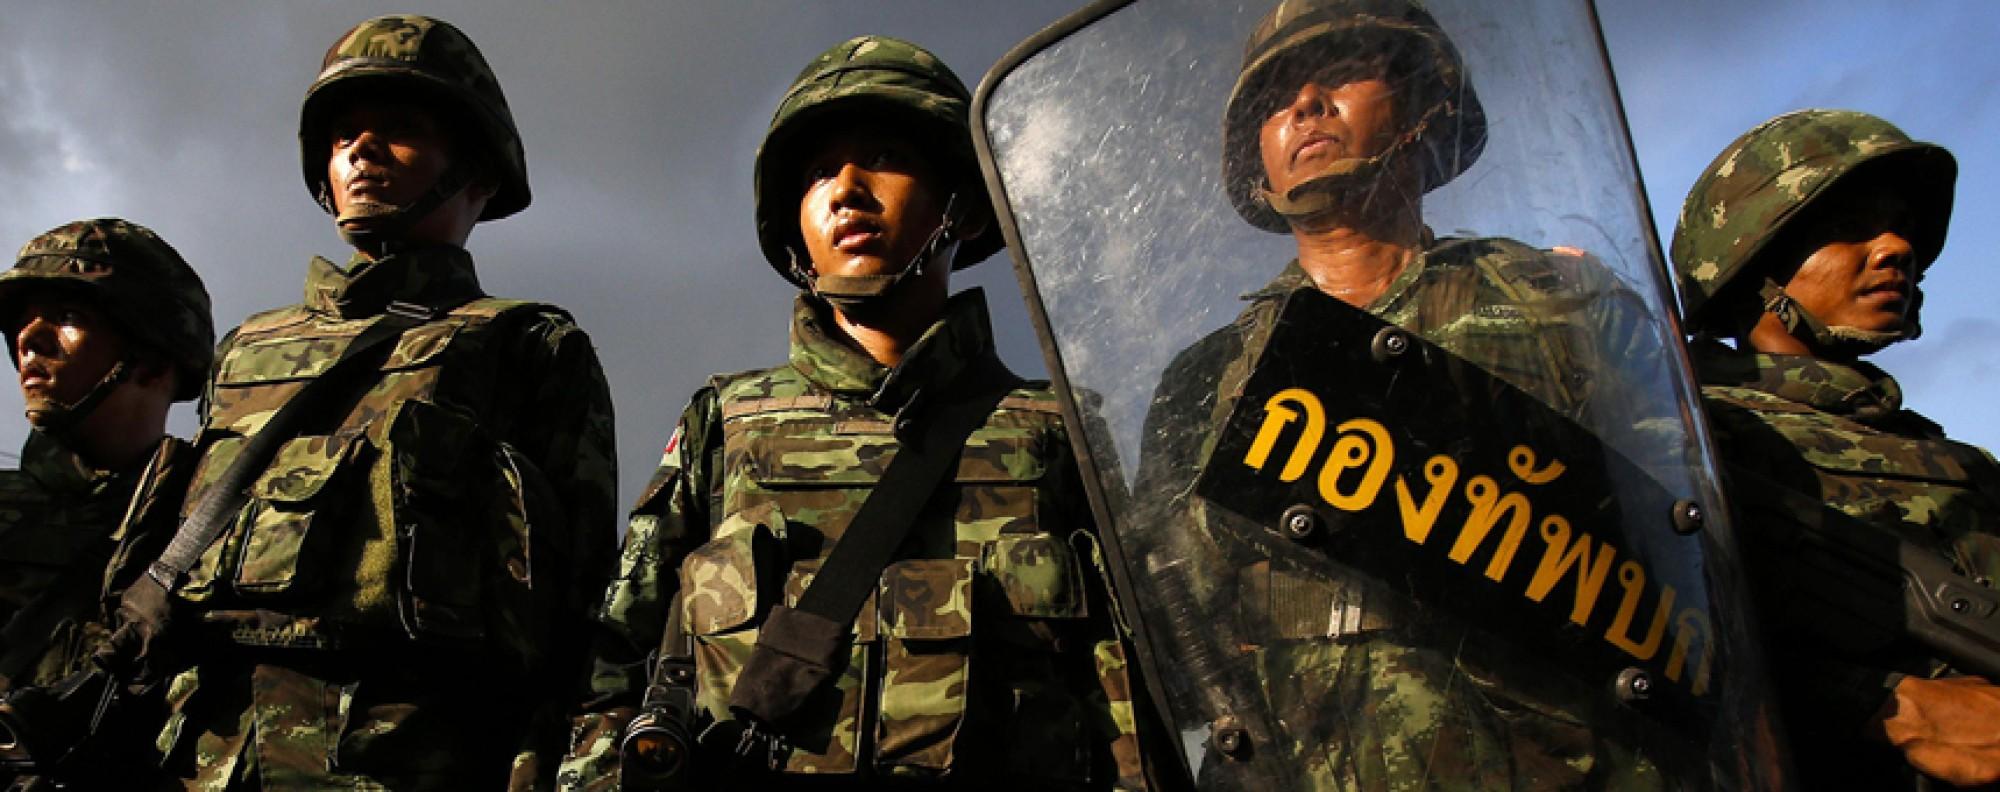 Thailand's Junta | South China Morning Post